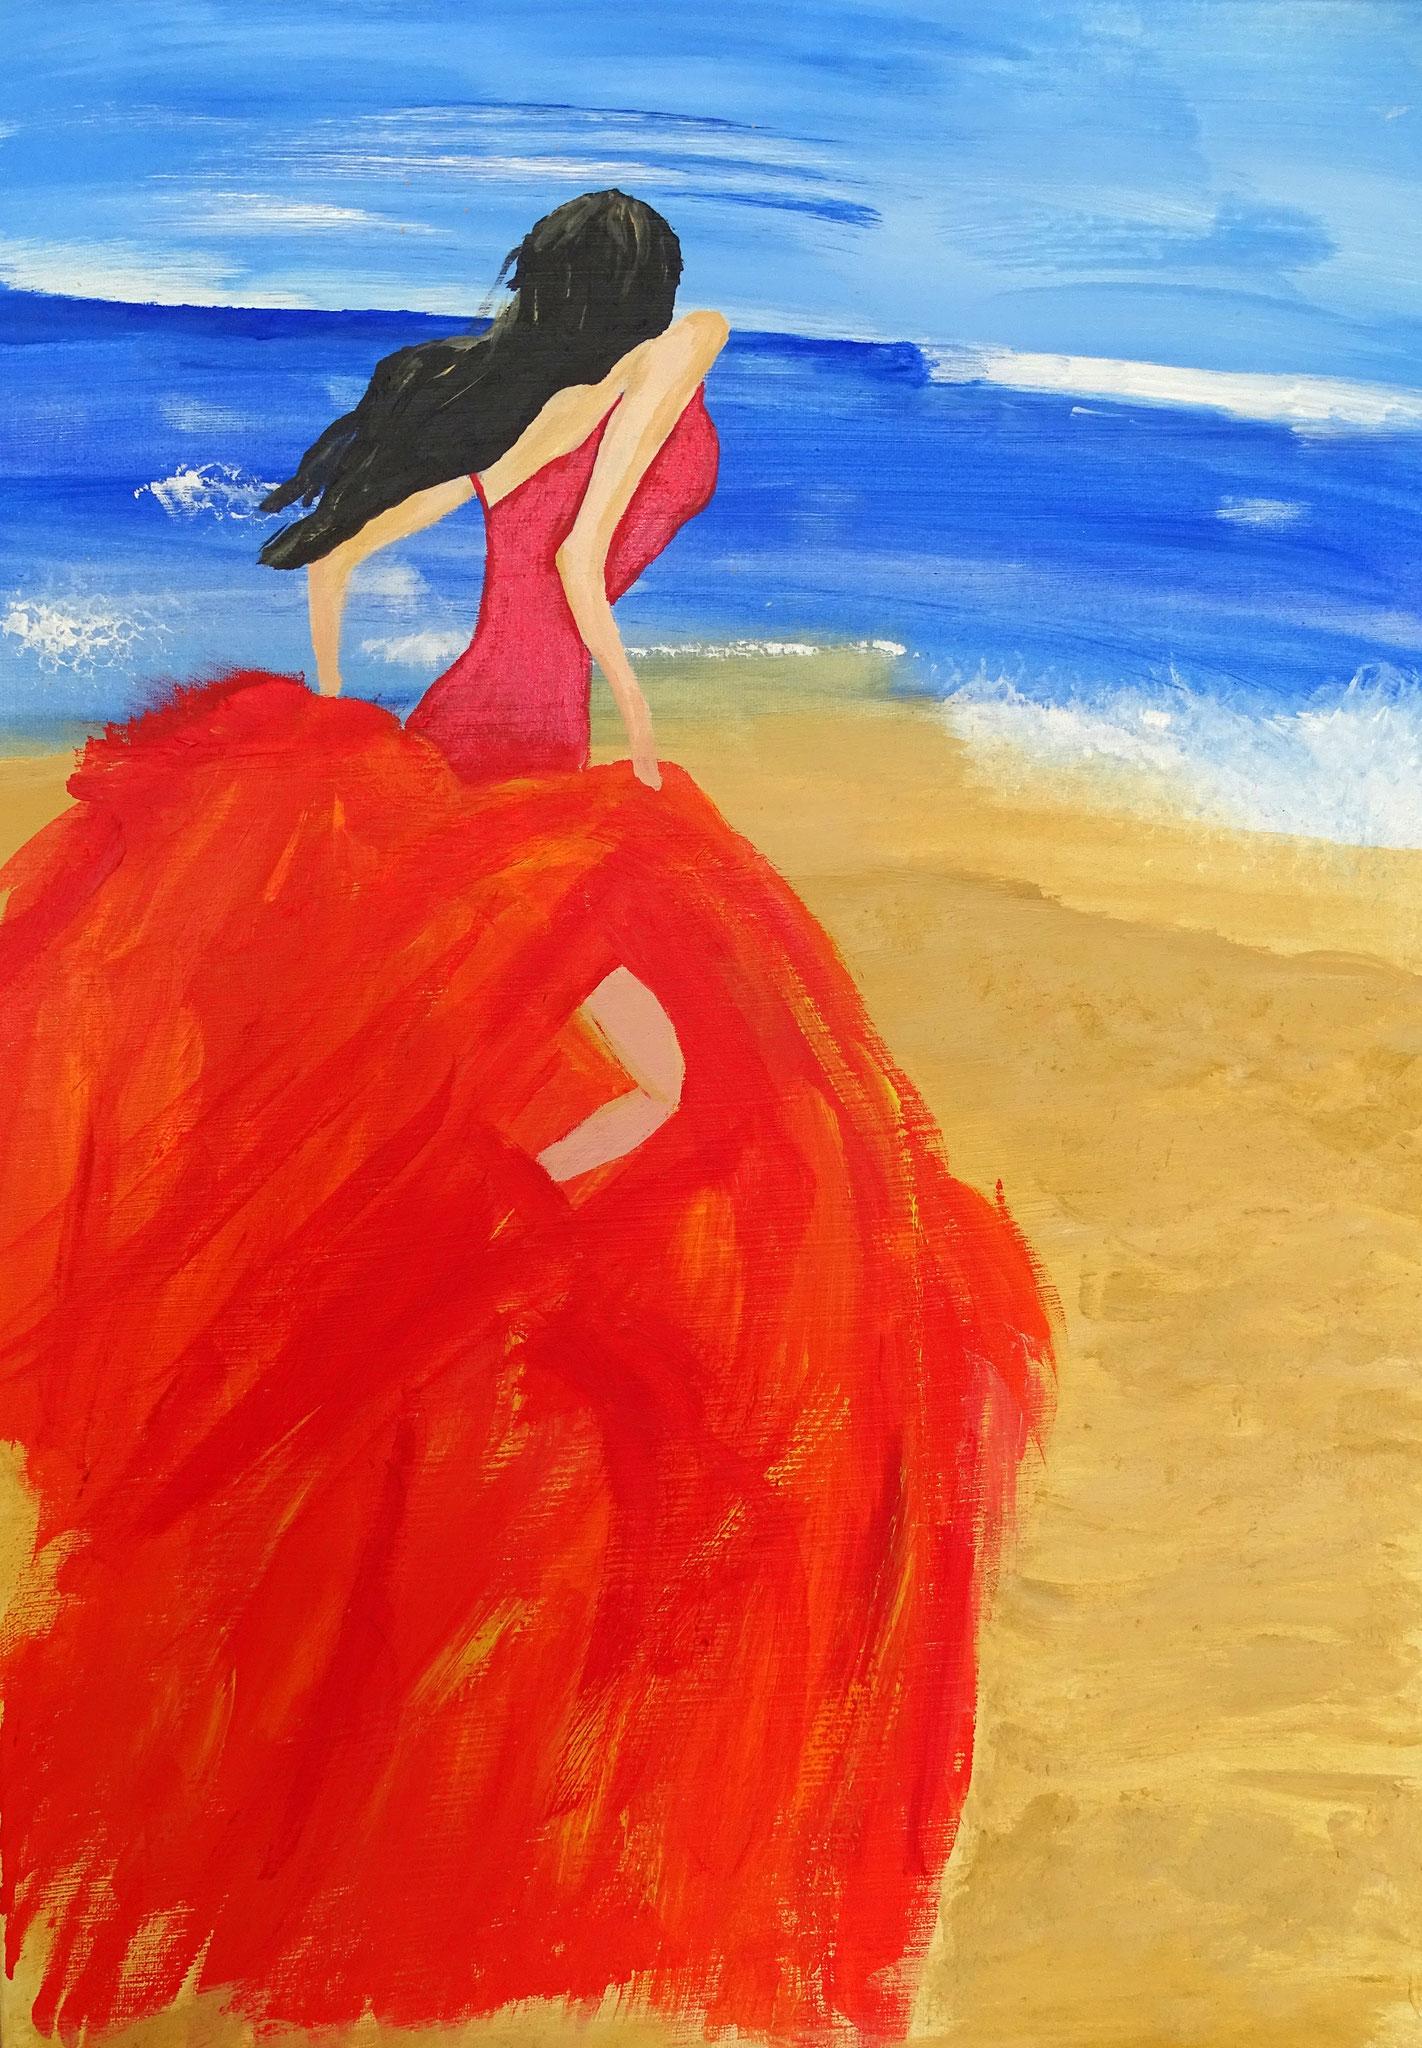 Frau am Strand, 50 cm x 70cm, Acryl auf Keilrahmen.